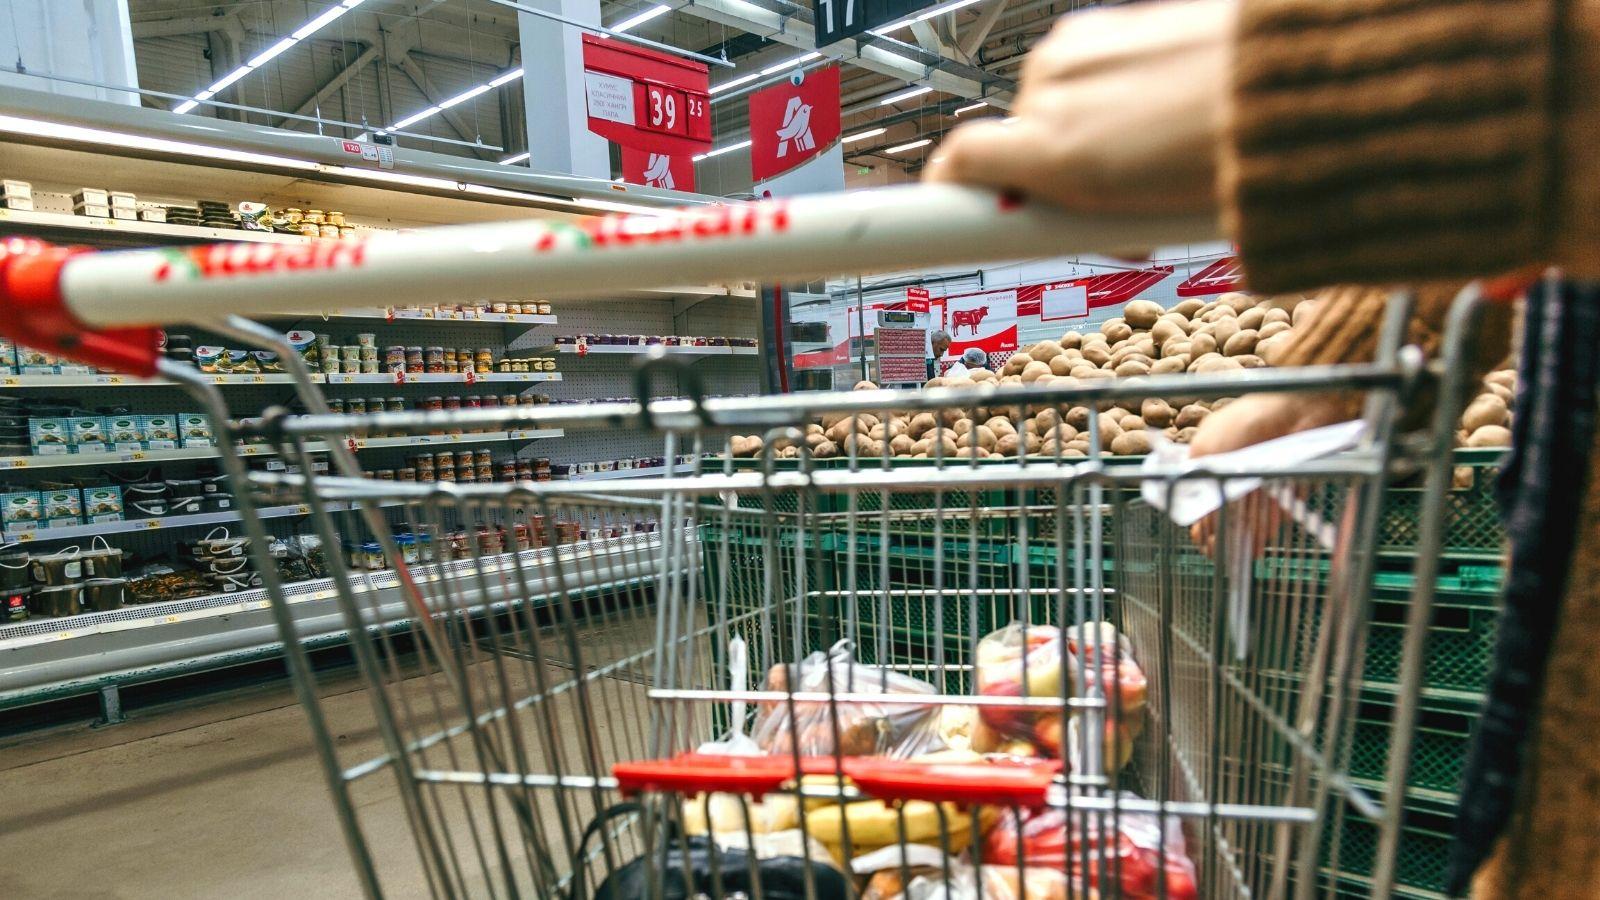 Prawie połowa Polaków kupuje na zapas! To najwyższy wynik w Europie [RAPORT] Deloitte mediarun com shopping